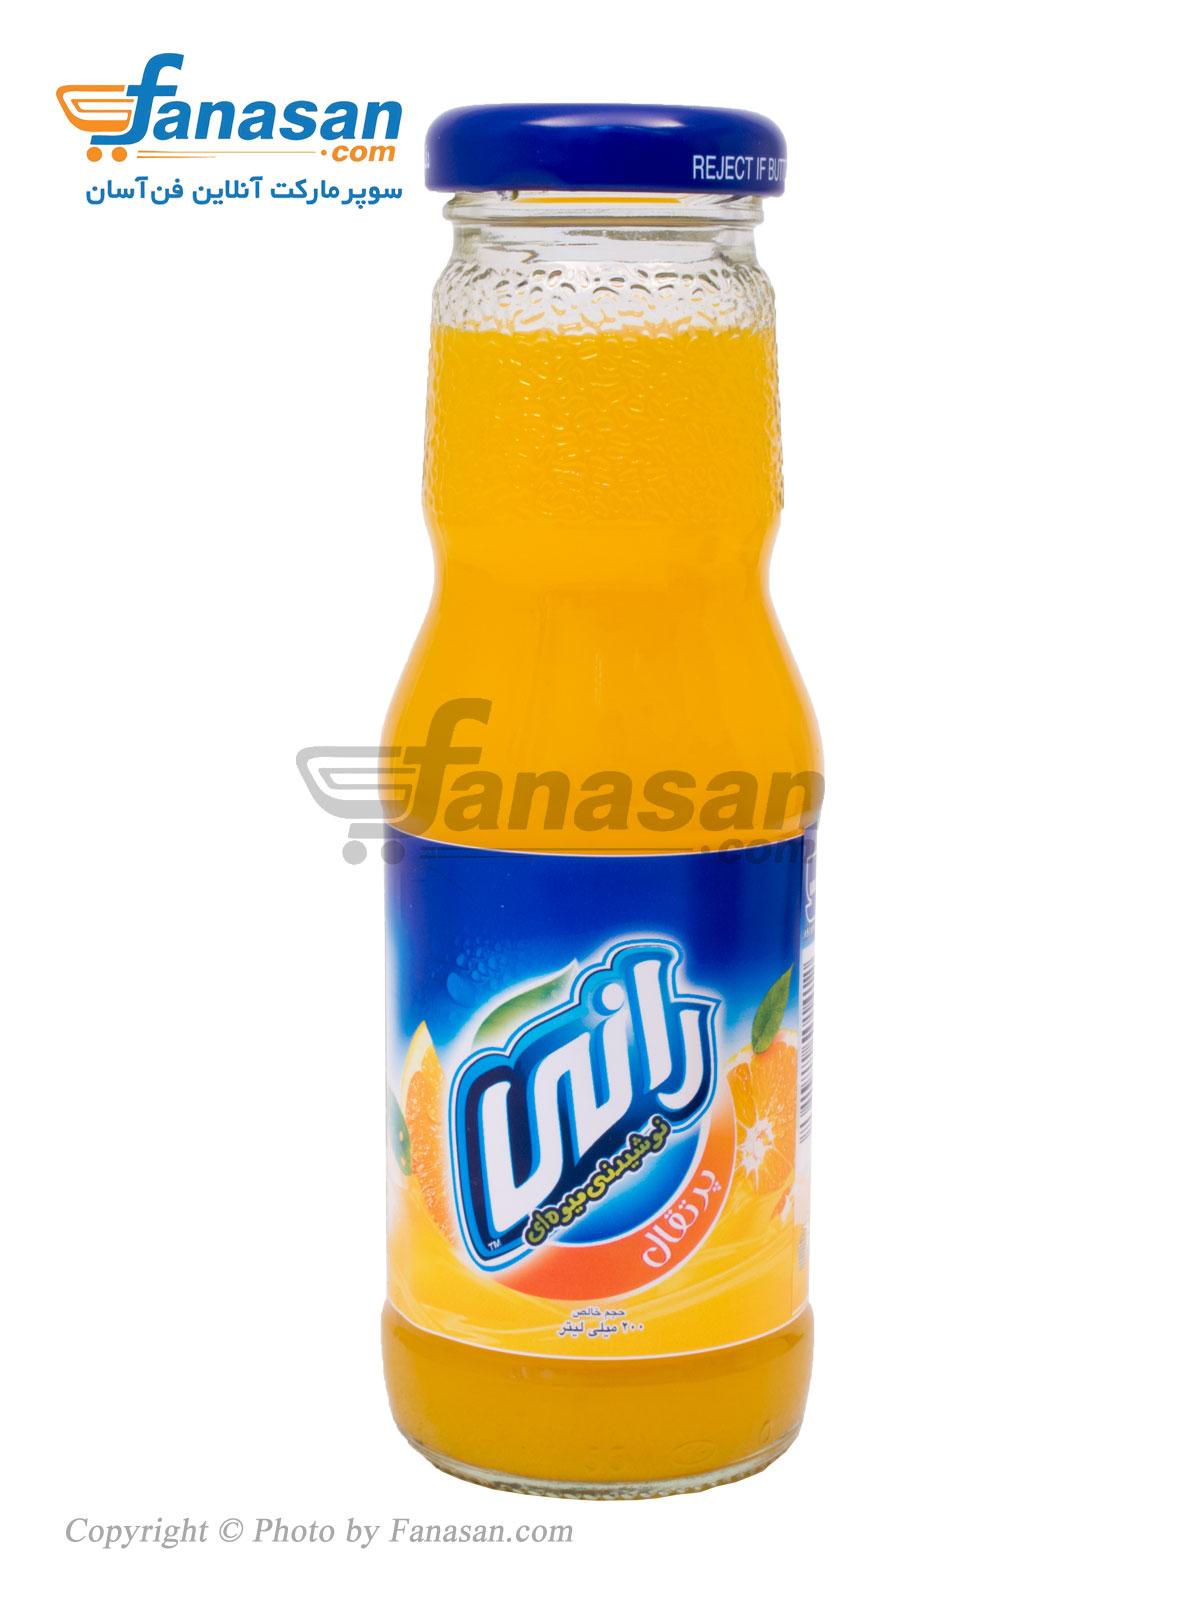 نوشیدنی بدون گاز رانی با طعم پرتقال شیشه ای 200 میلی لیتر